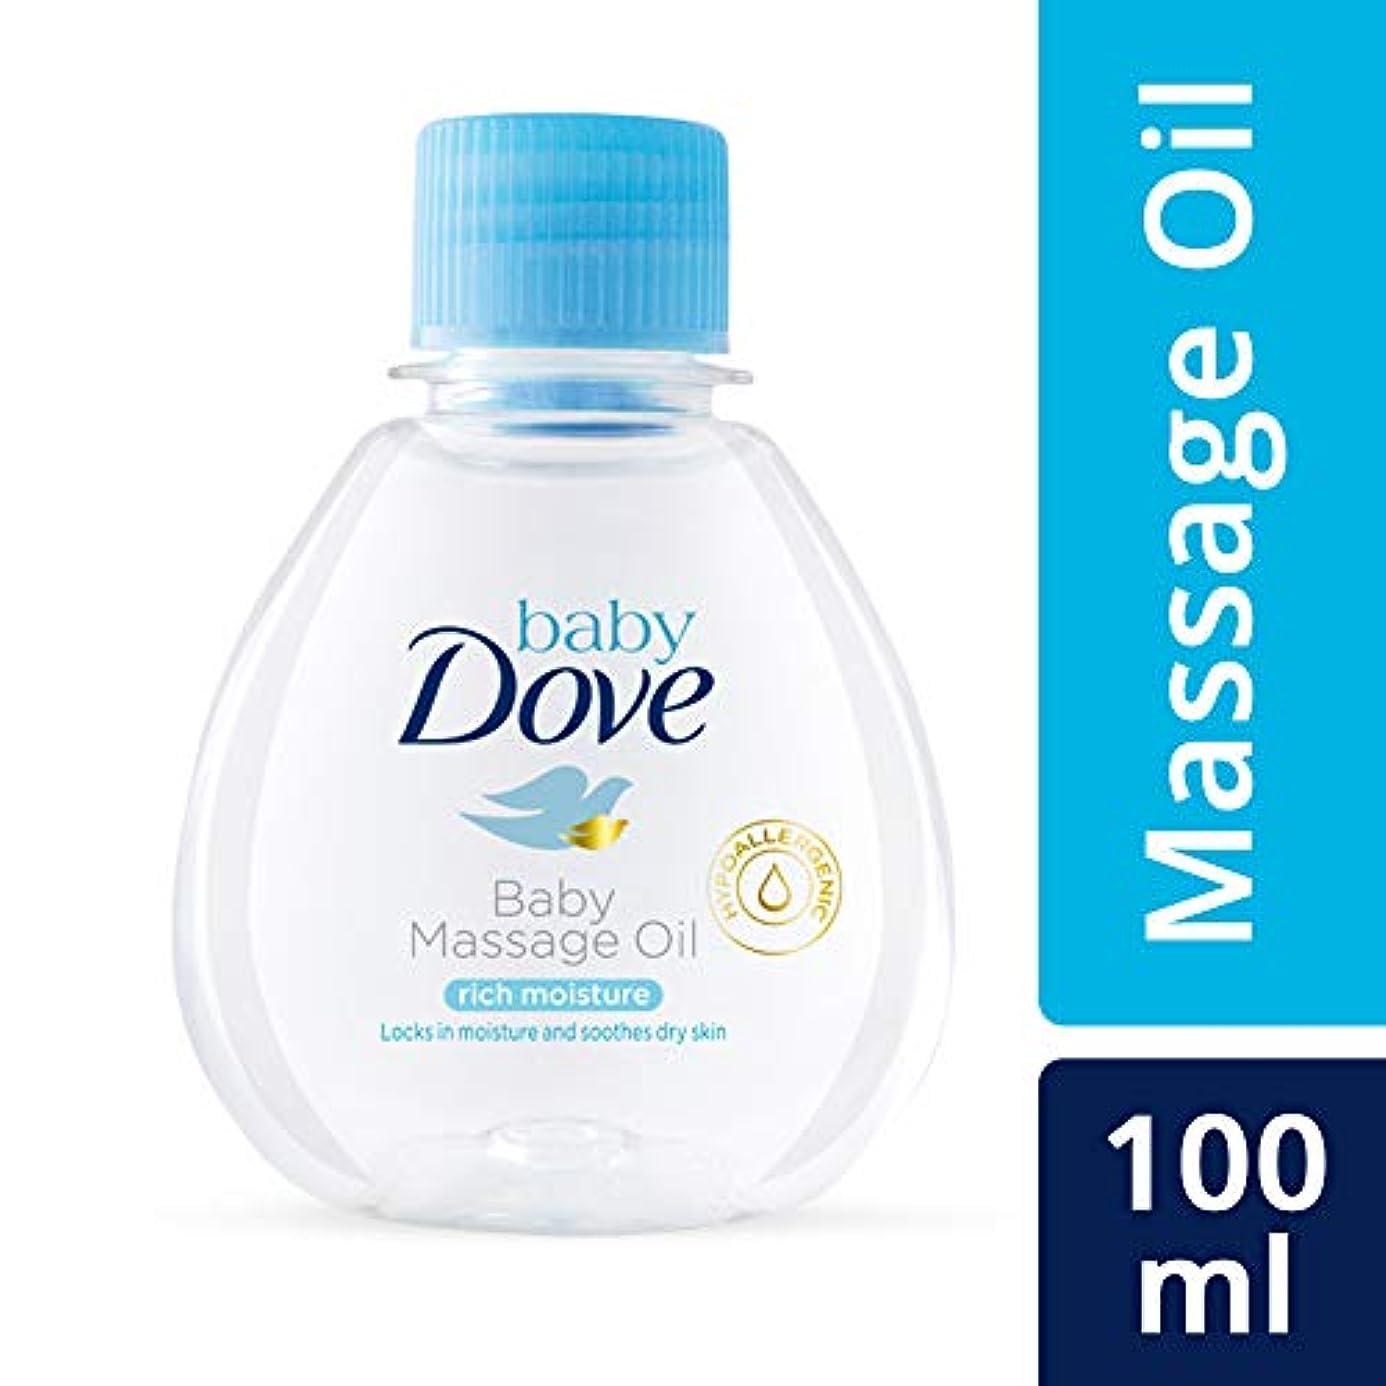 揃えるそこから揃えるBaby Dove Rich Moisture Baby Massage Oil, 100ml